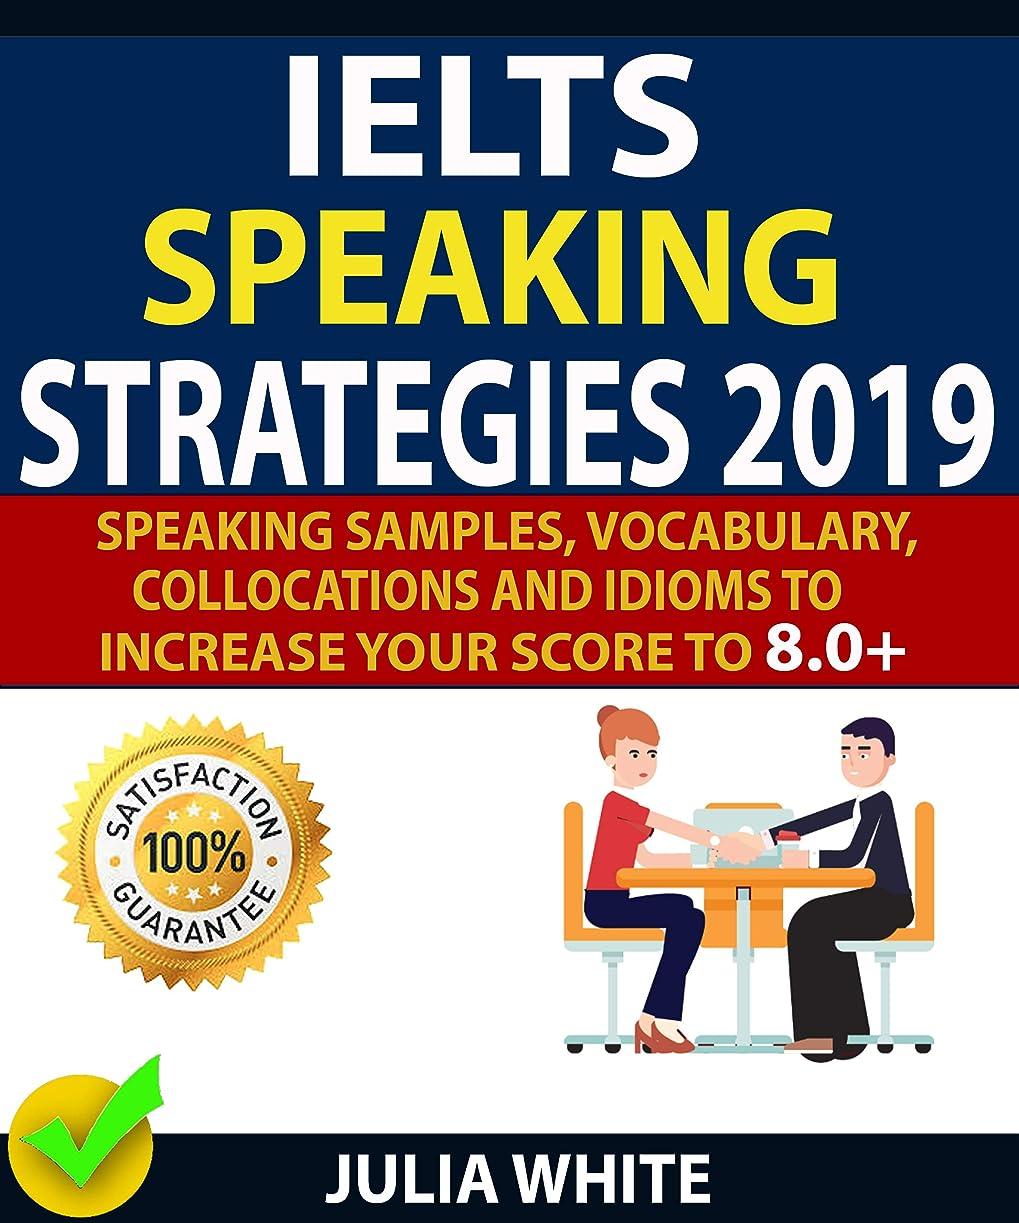 装置自分の力ですべてをする委任IELTS SPEAKING STRATEGIES 2019: Speaking Samples, Vocabulary, Collocations And Idioms To Increase Your Score To 8.0+ (English Edition)